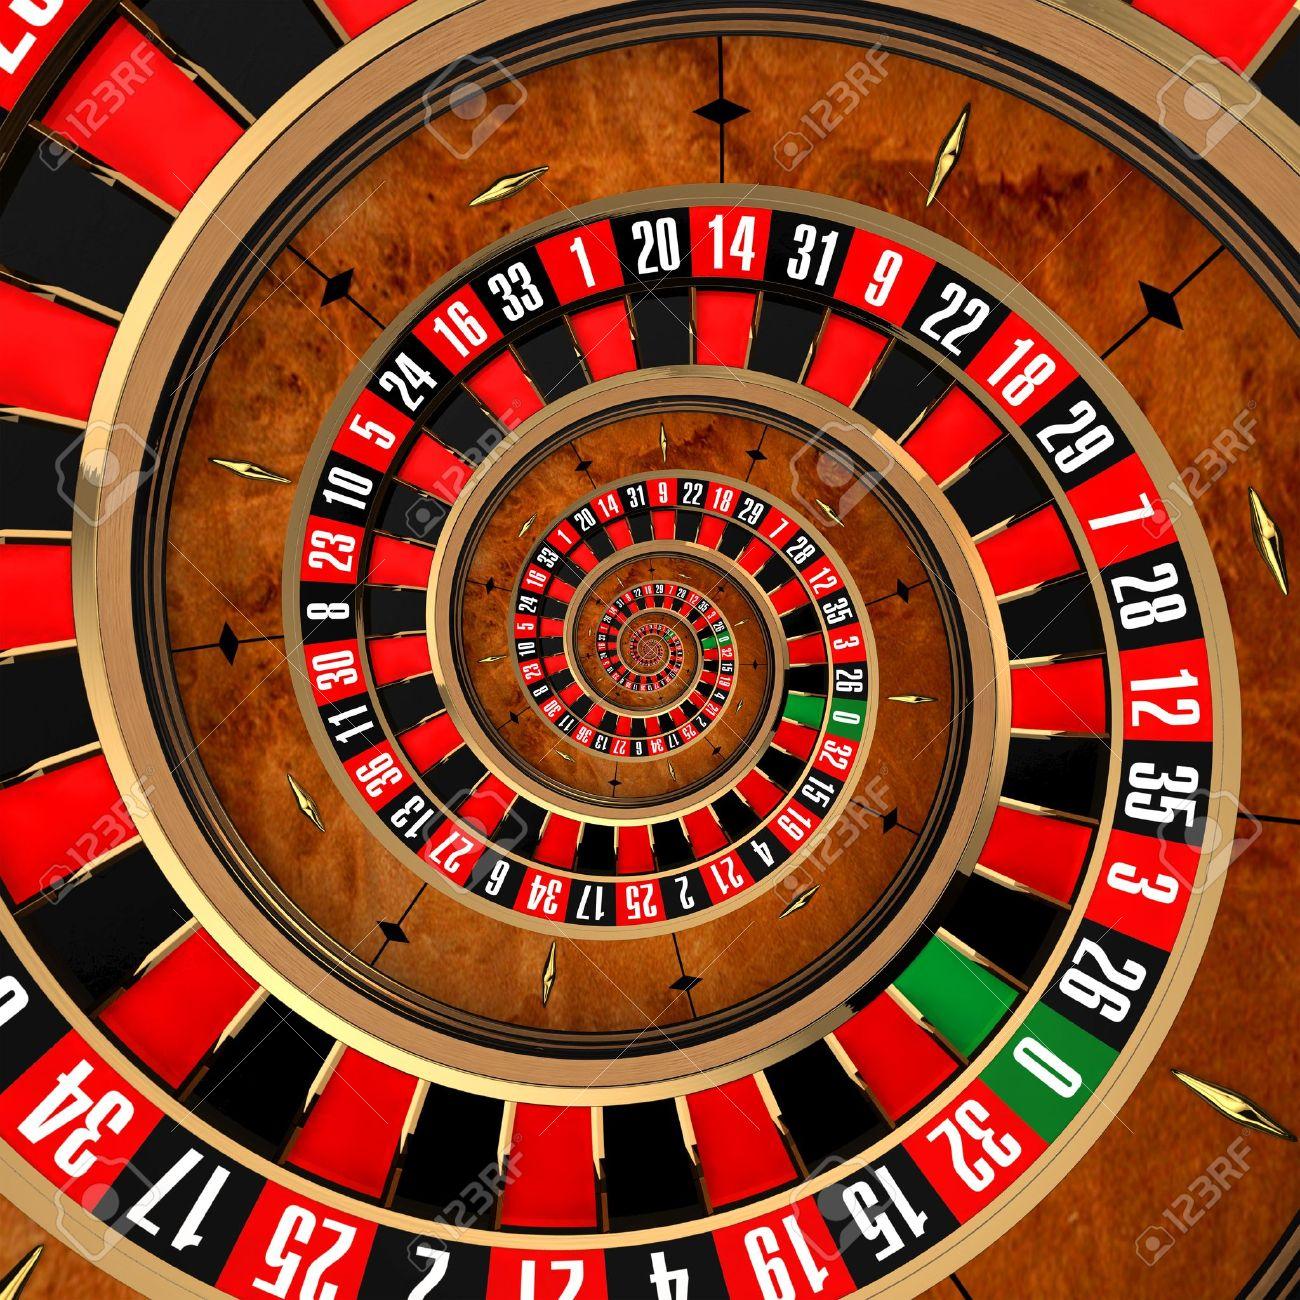 Gioco roulette russa procaliber poker tables